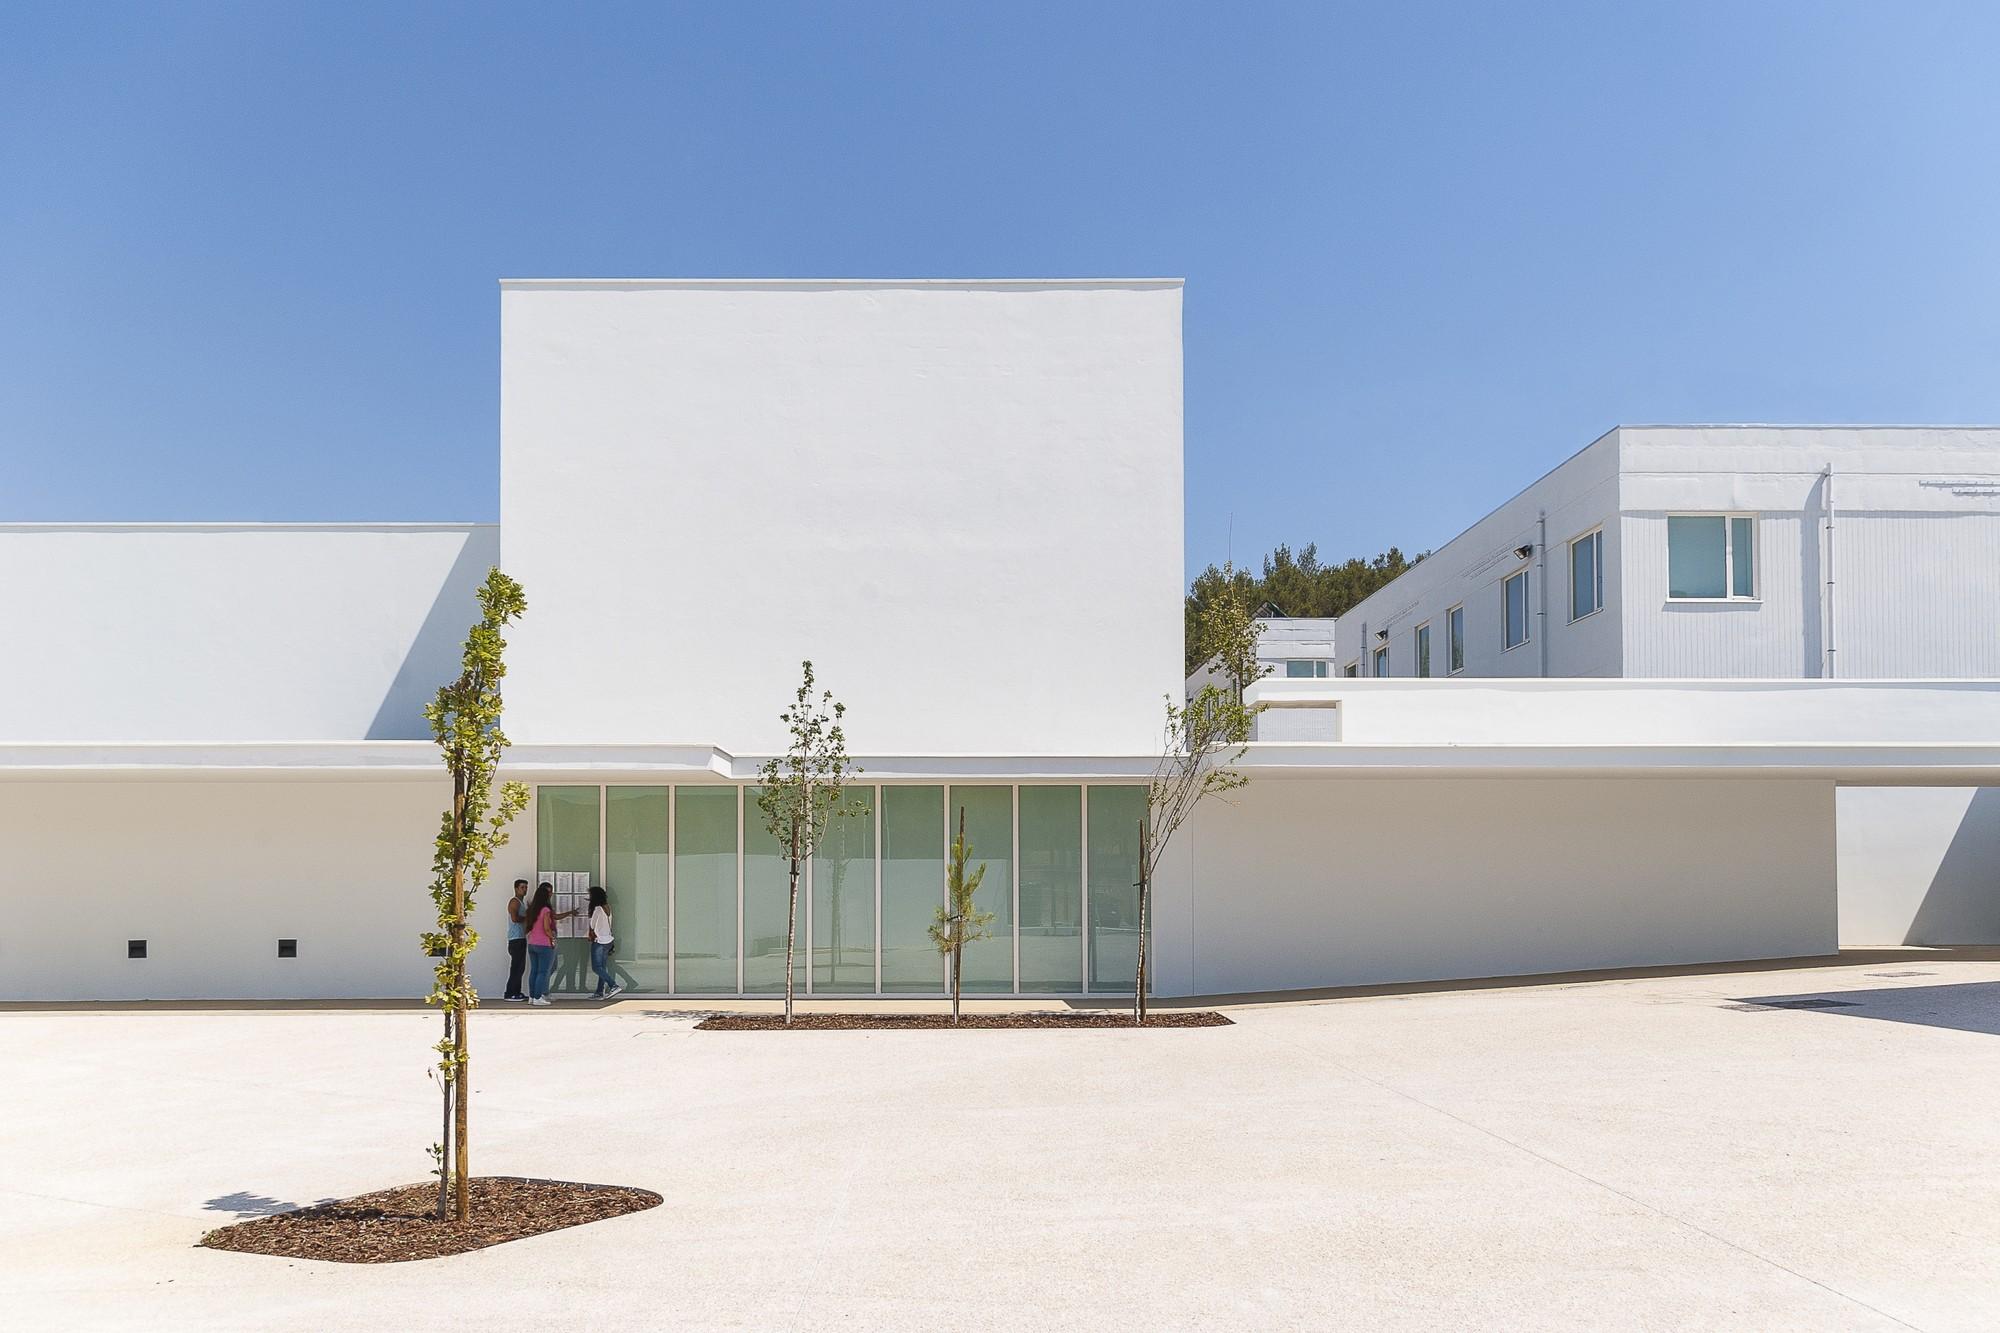 Lima de Freitas School Renovation / Ricardo Carvalho + Joana Vilhena Arquitectos, © Nuno Gaspar / RCJV Arquitectos